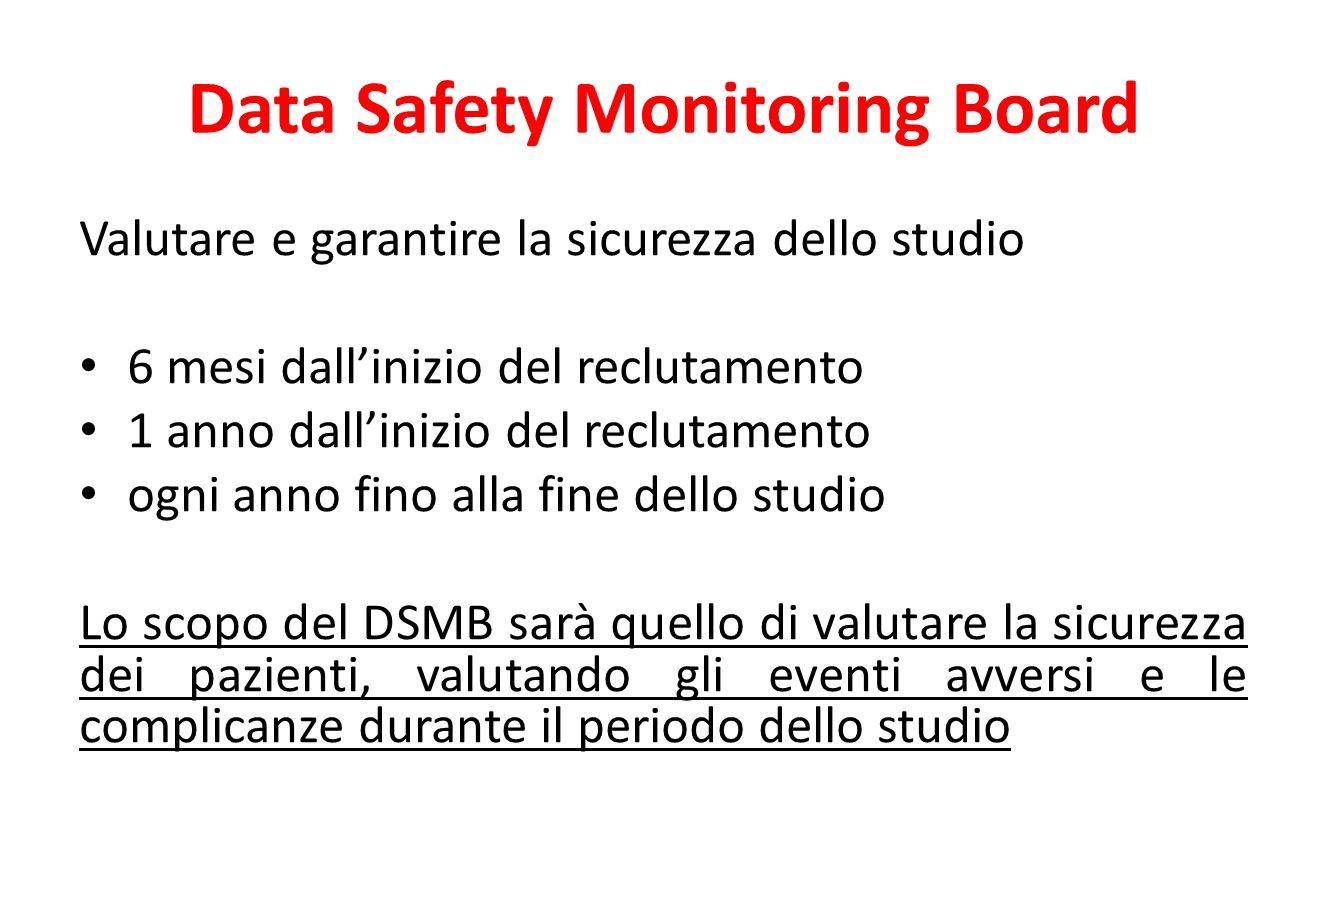 Data Safety Monitoring Board Valutare e garantire la sicurezza dello studio 6 mesi dall'inizio del reclutamento 1 anno dall'inizio del reclutamento og